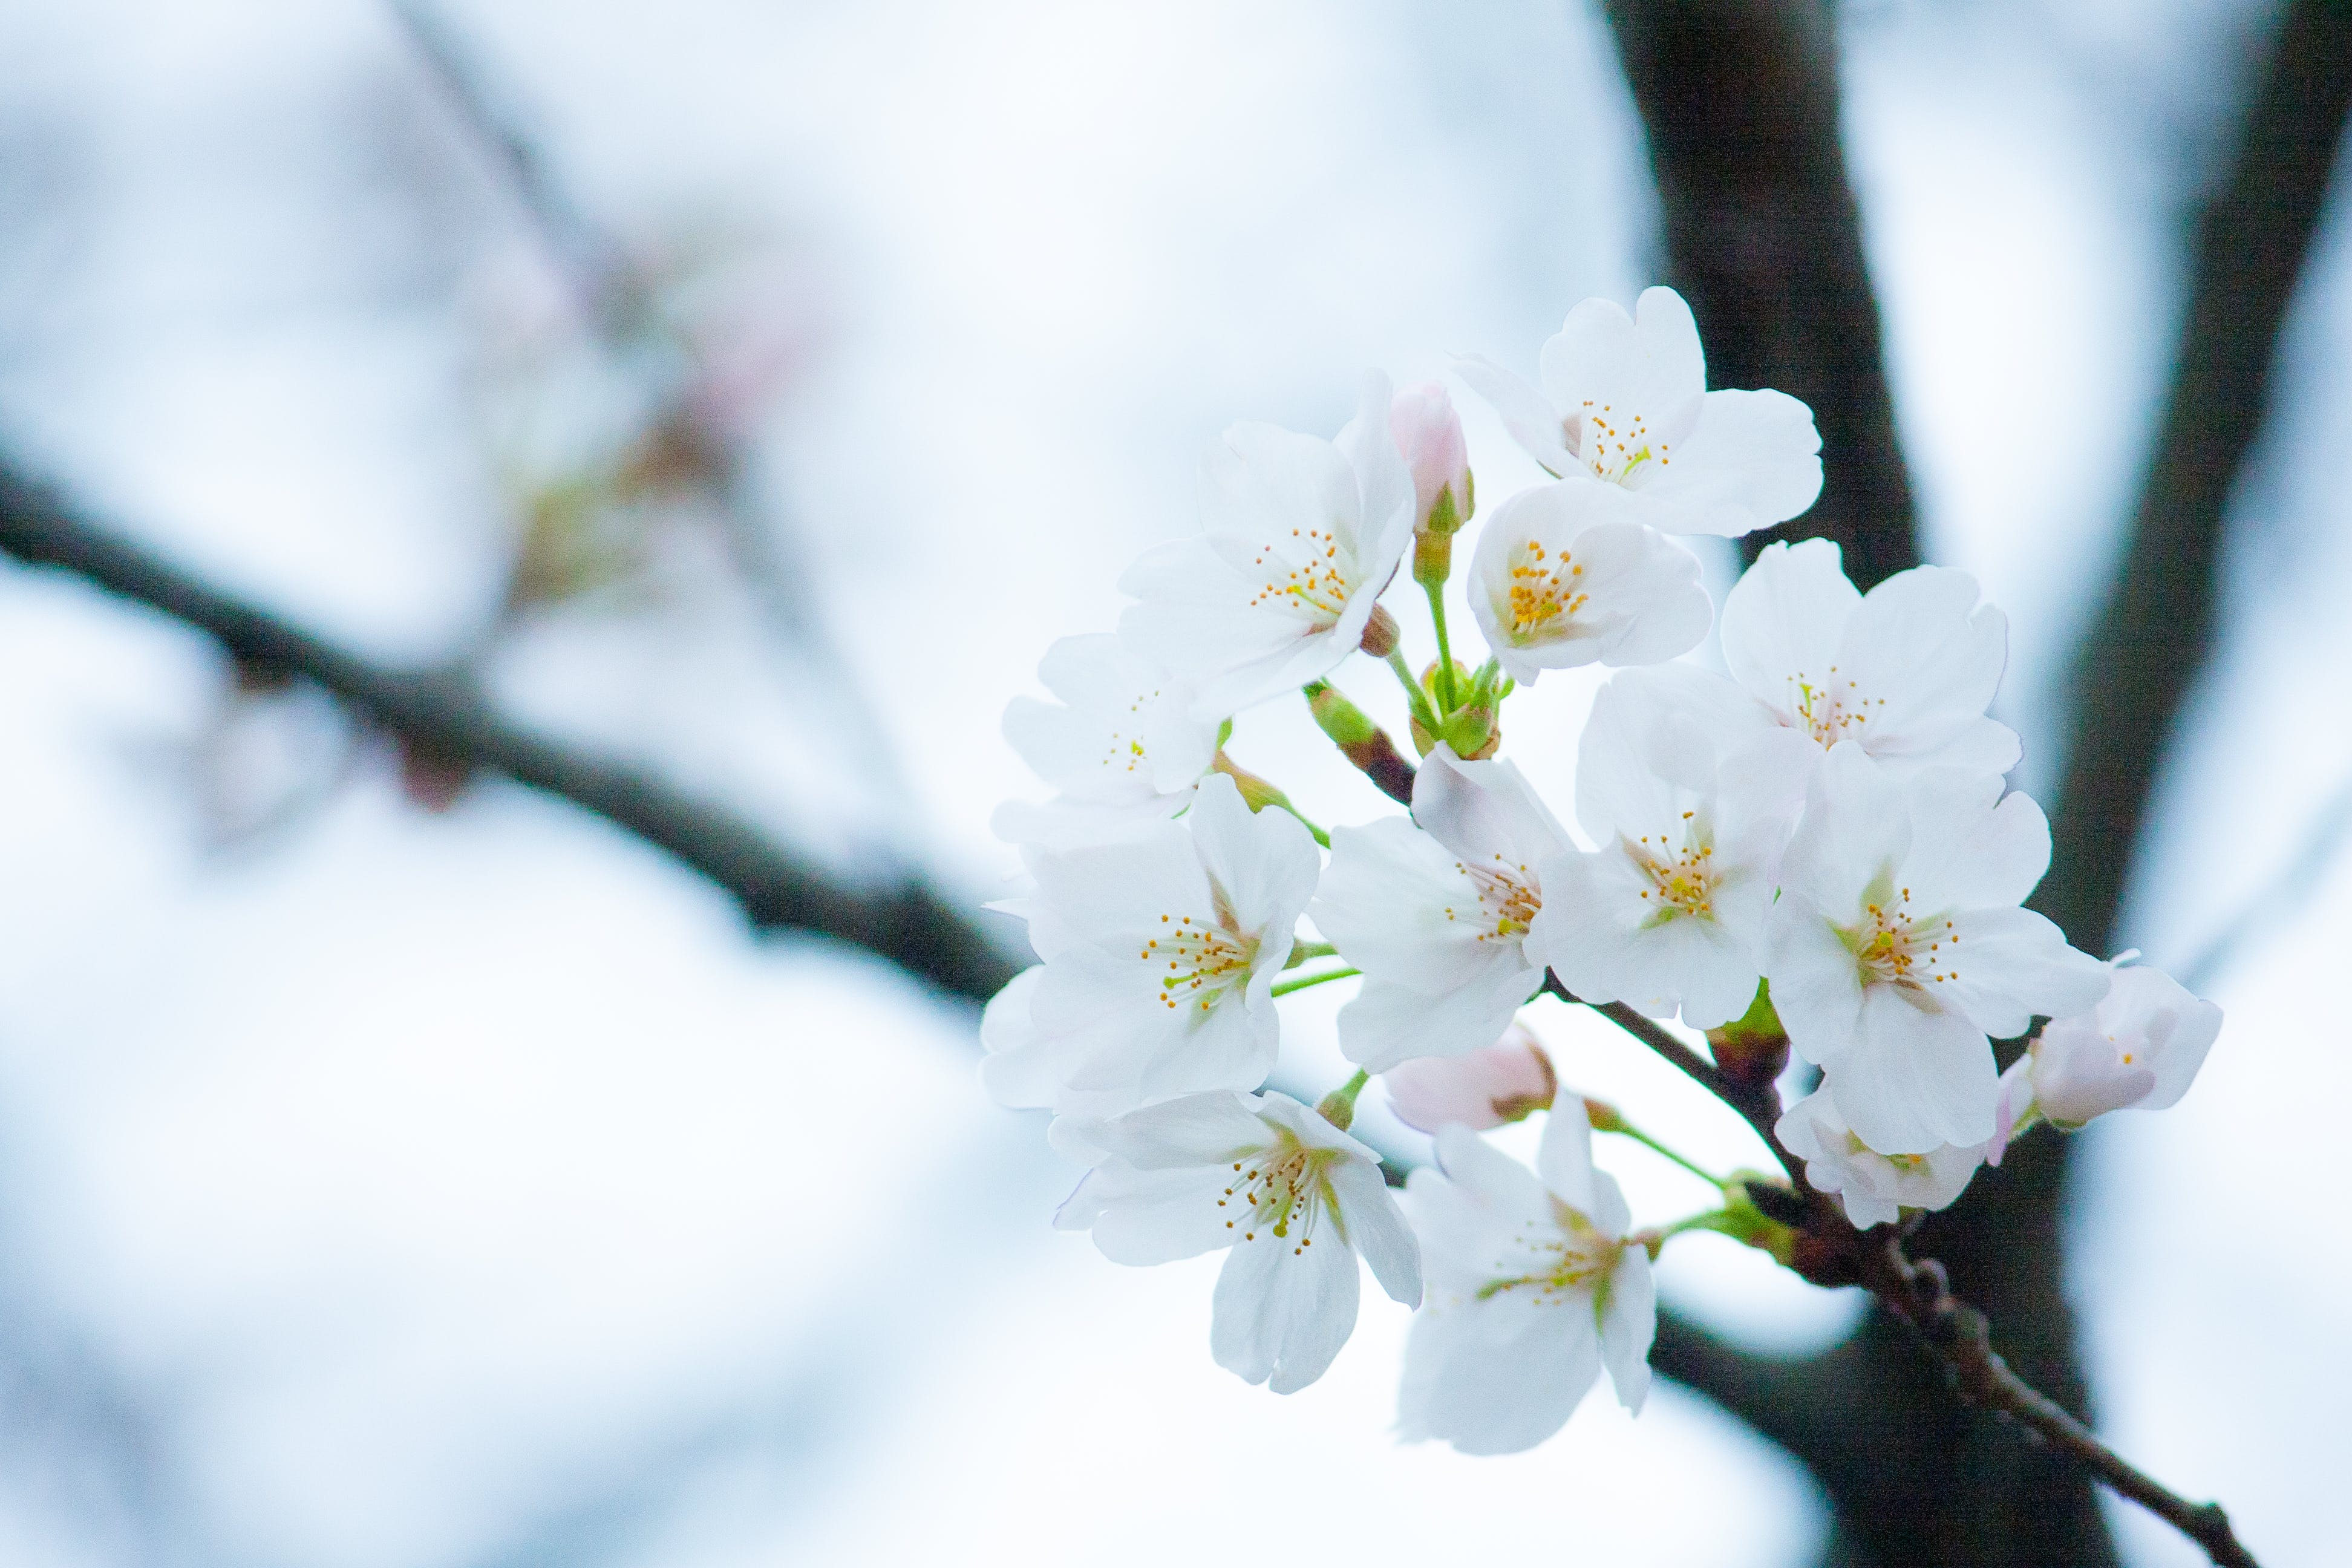 ağaç, Bahçe, bitki örtüsü, büyüme içeren Ücretsiz stok fotoğraf